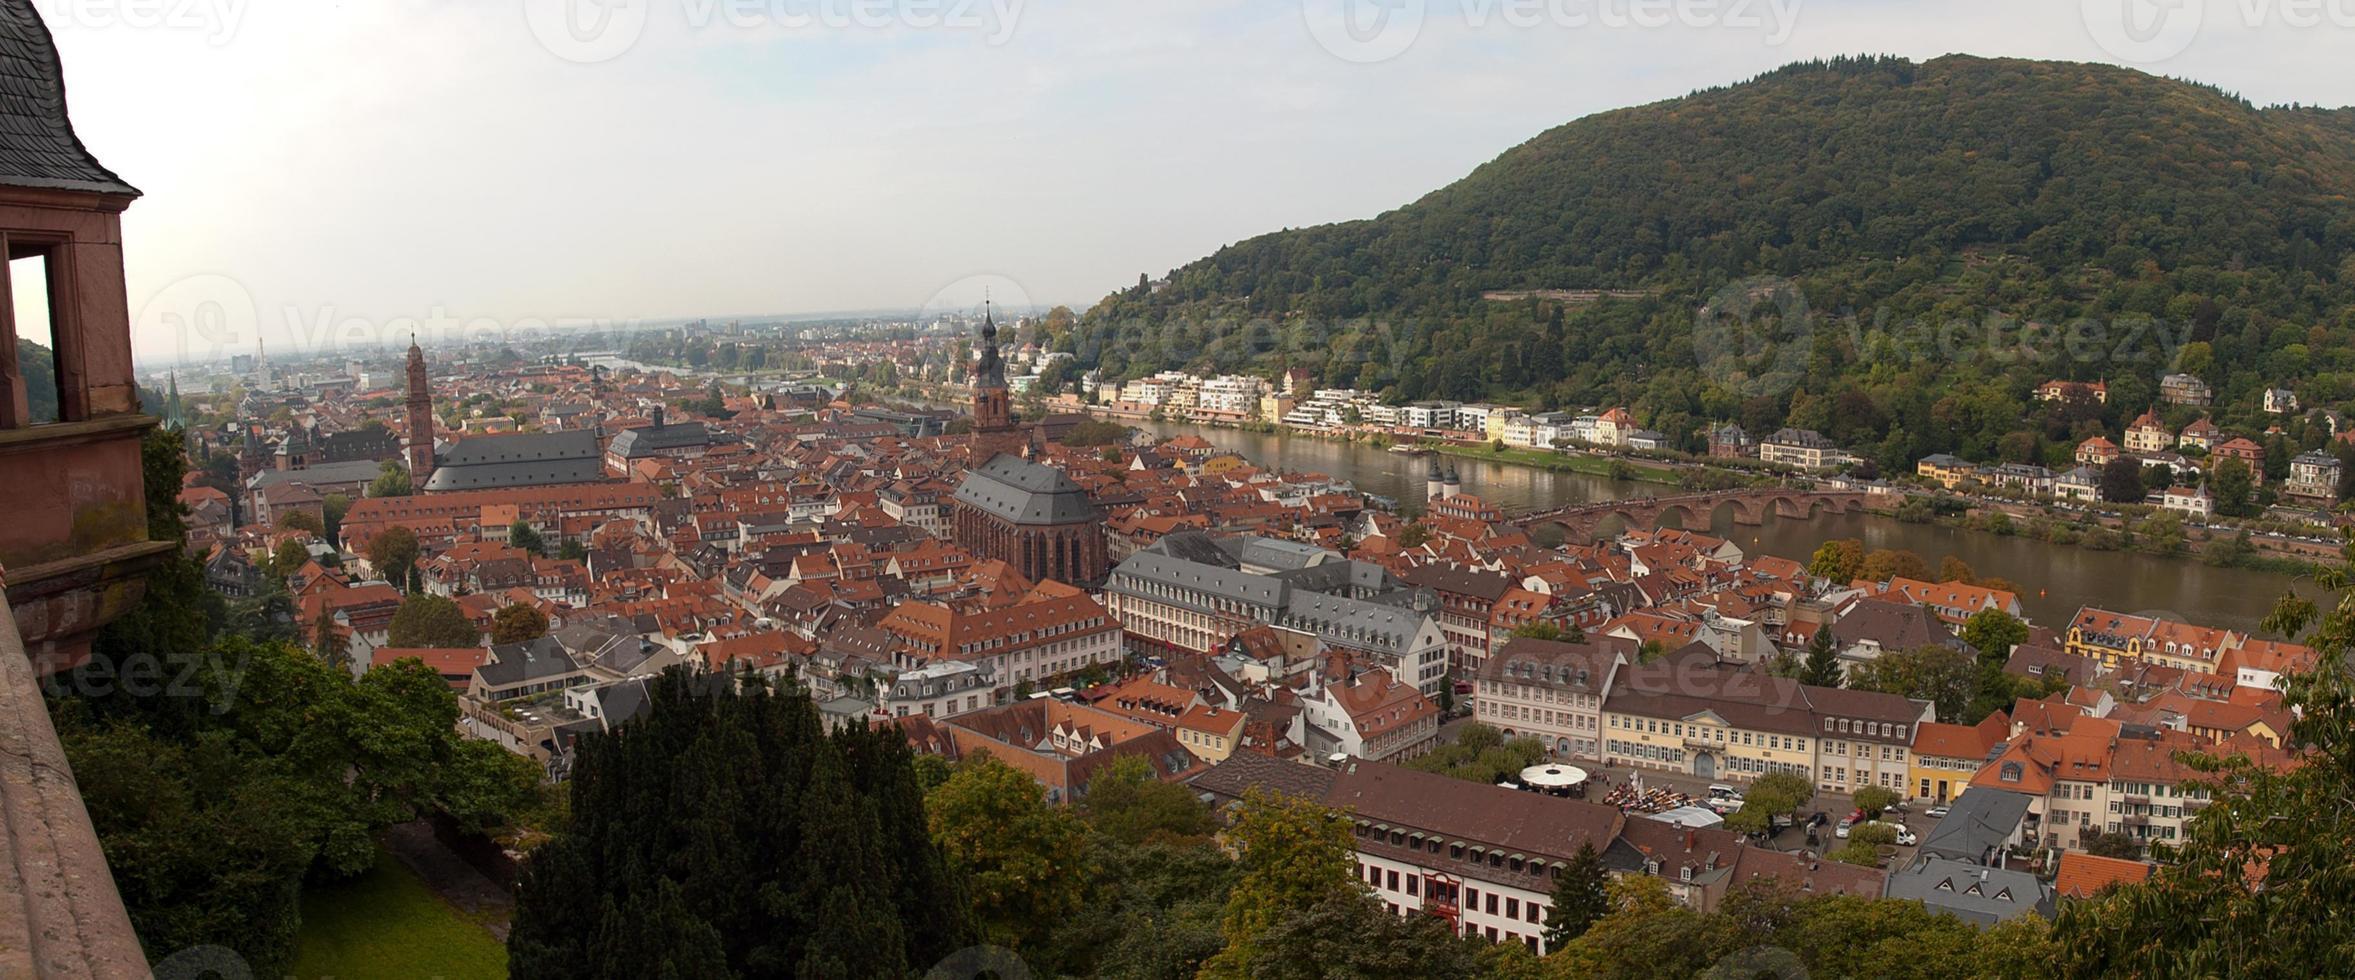 cidade velha de heidelberg e o rio neckar do castelo de heidelberg foto